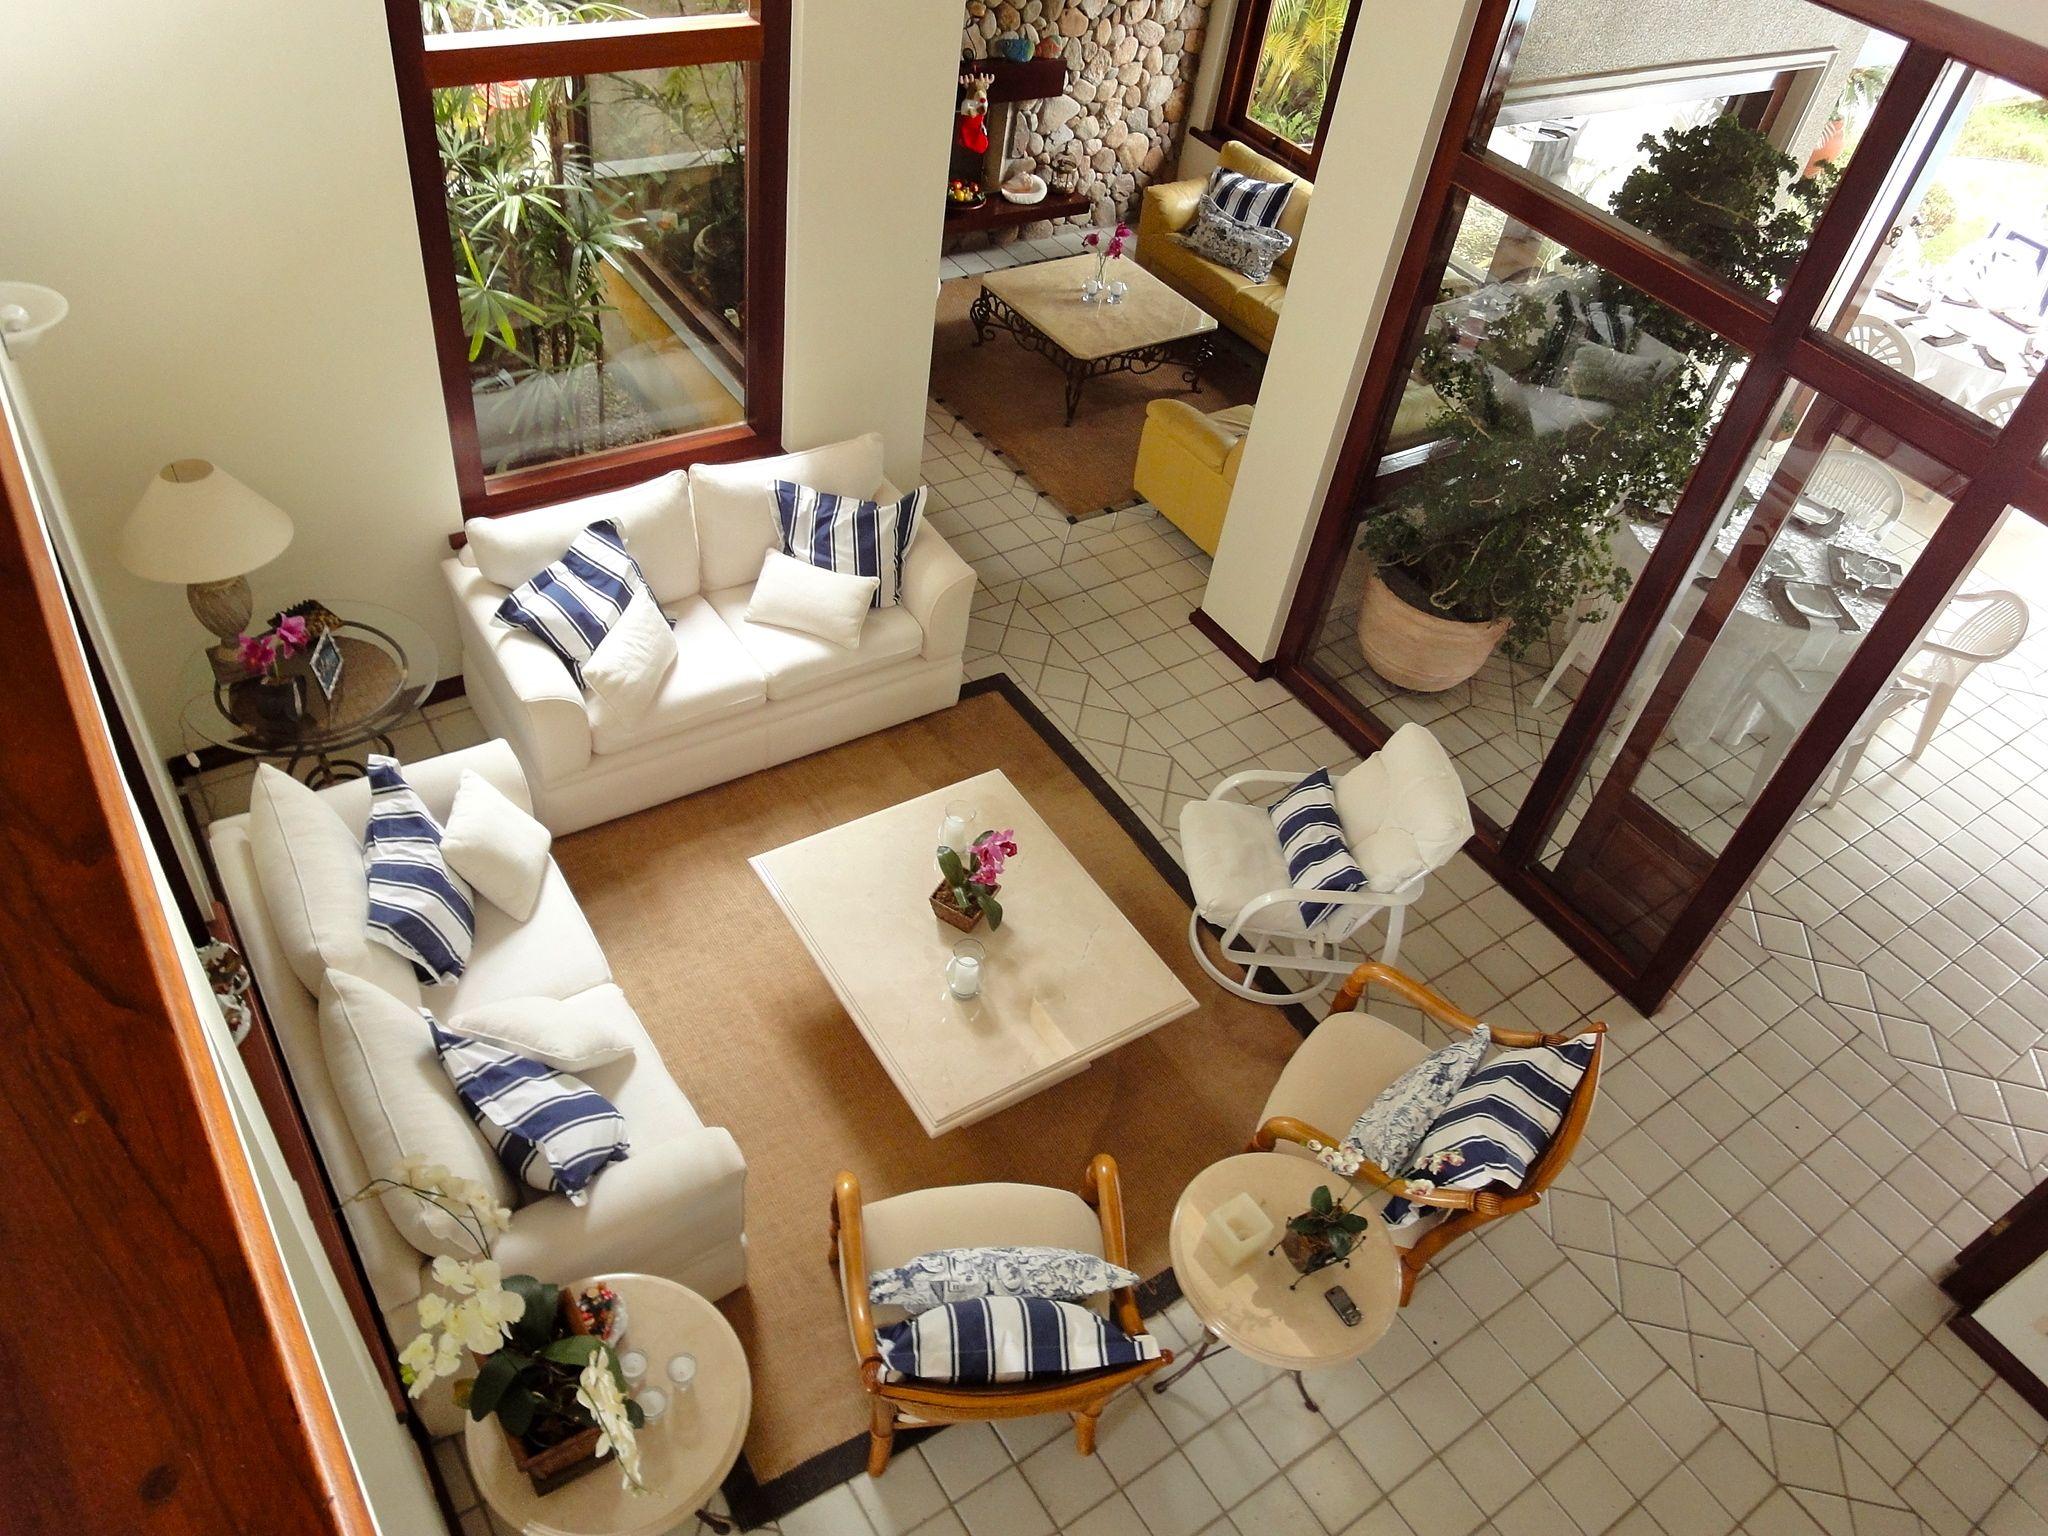 decoracao de apartamentos pequenos de praia : decoracao de apartamentos pequenos de praia:Casa Praia : Danyela Corrêa